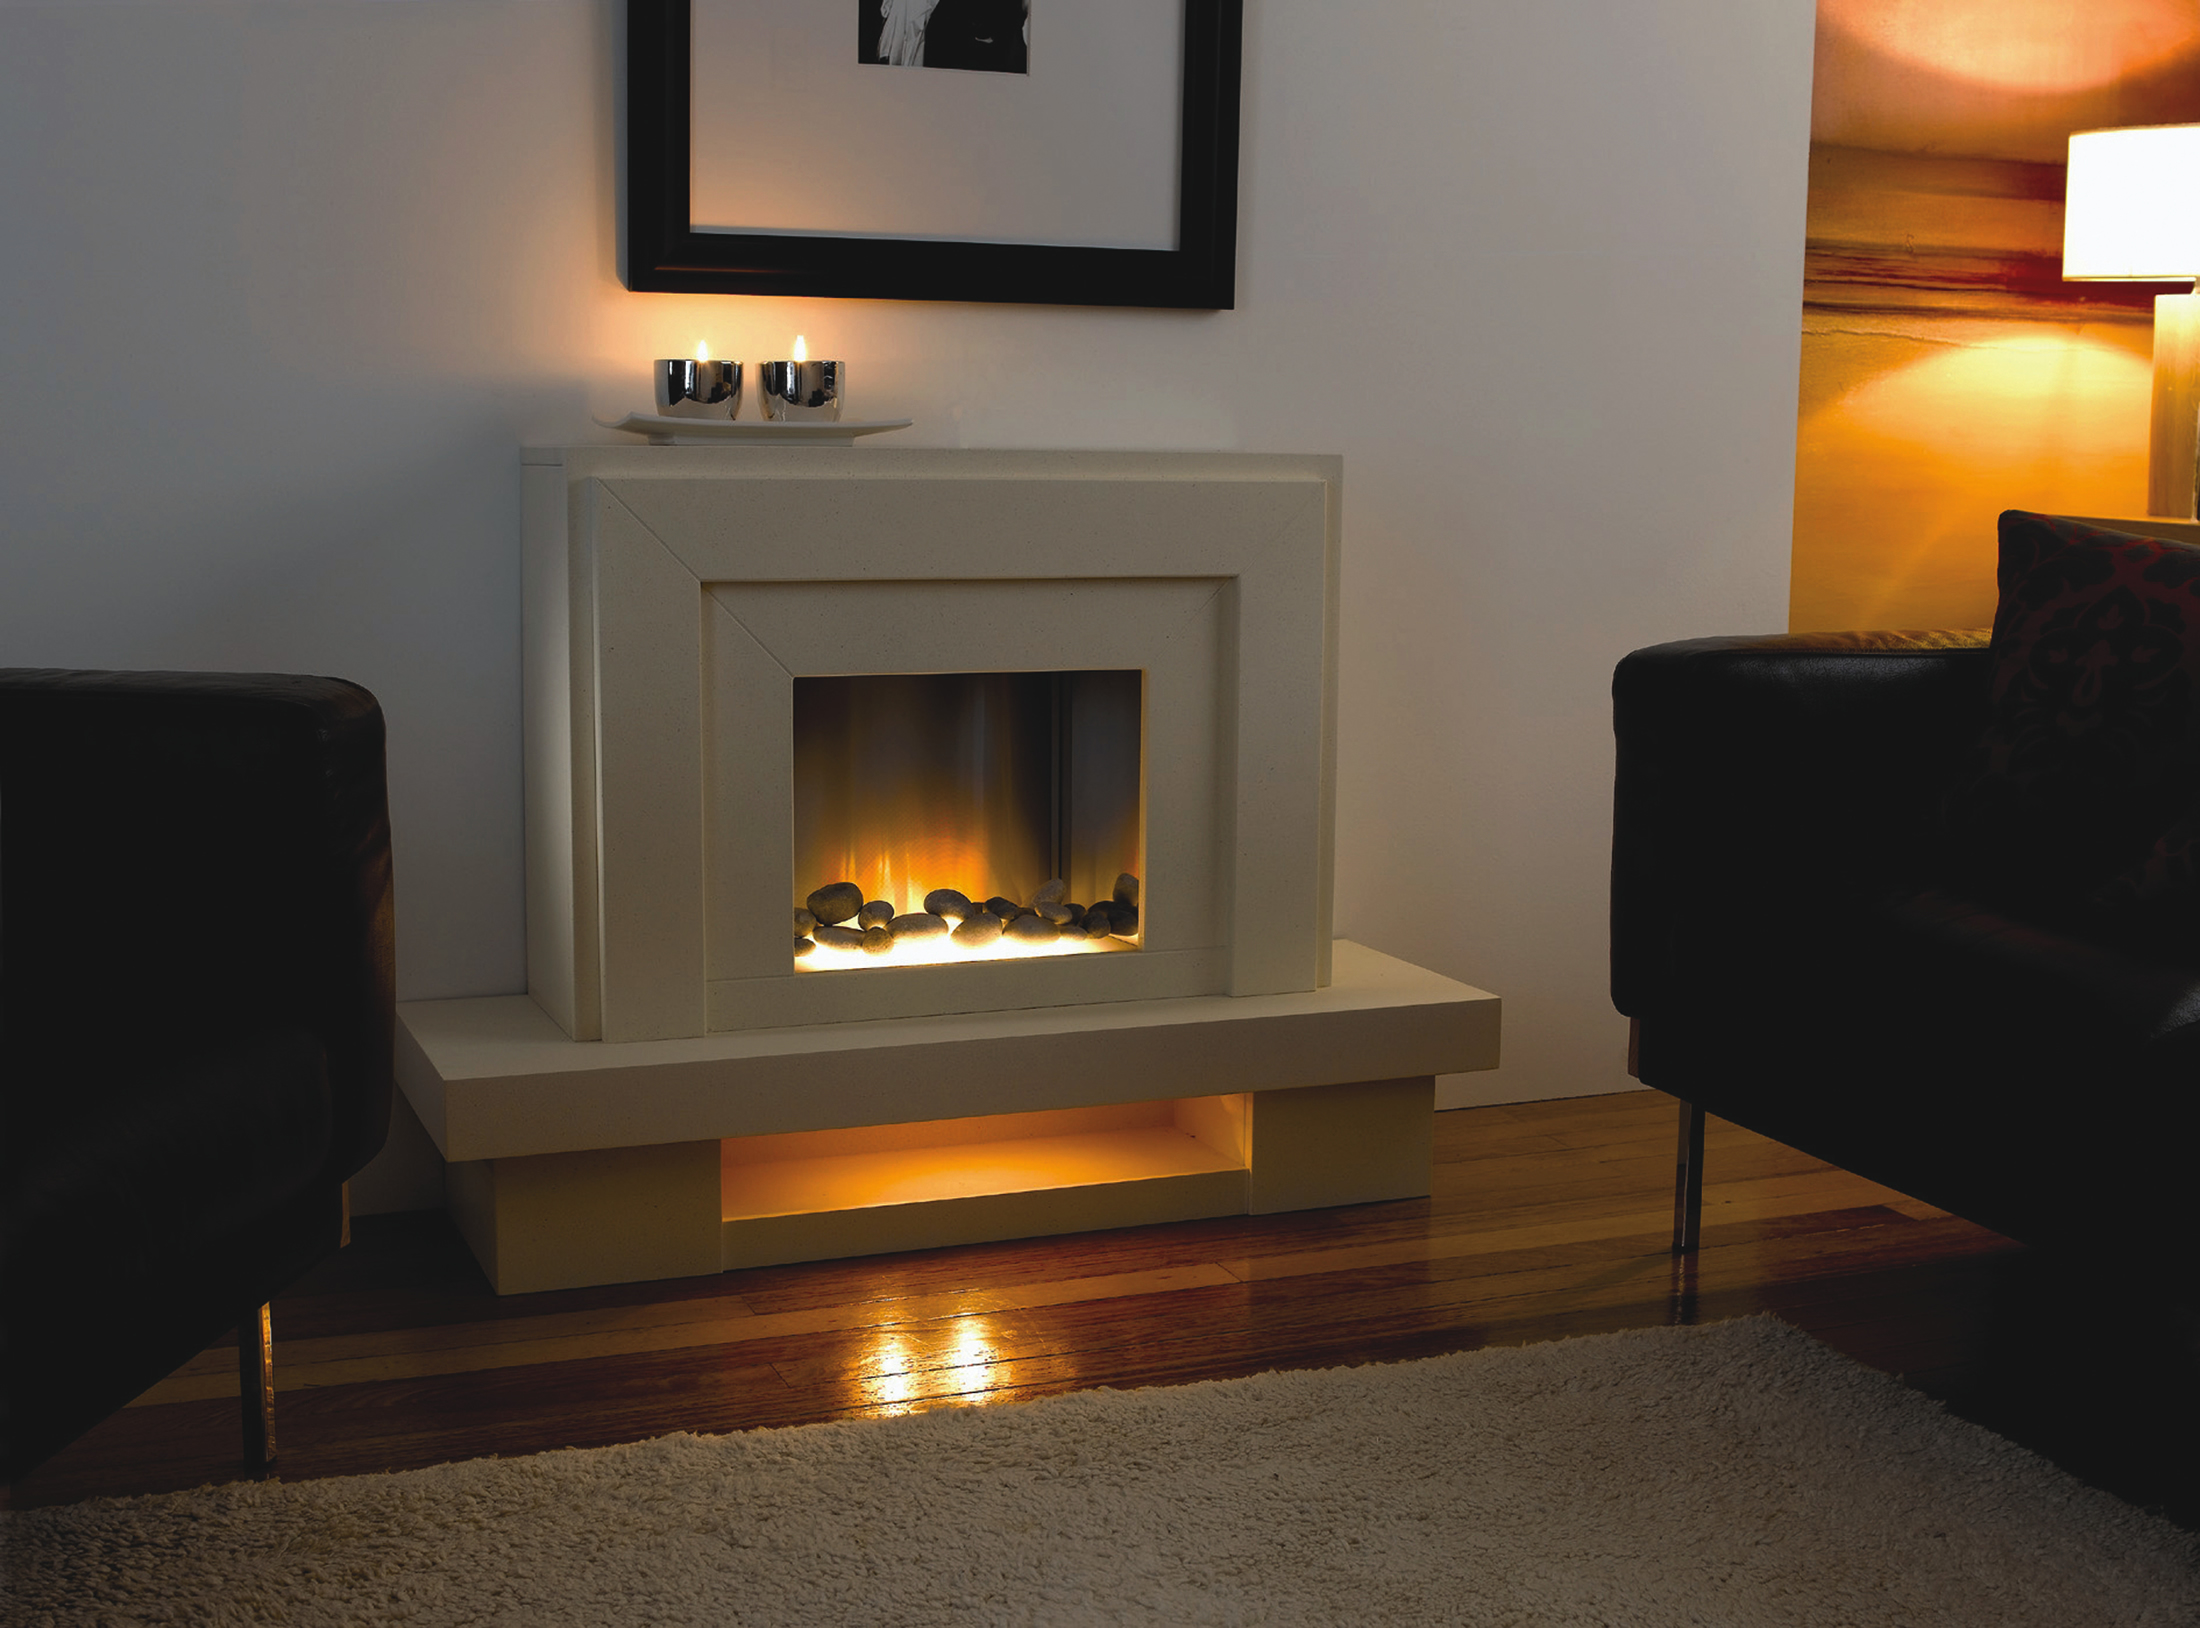 Lazio Flamerite Superior Fireplaces